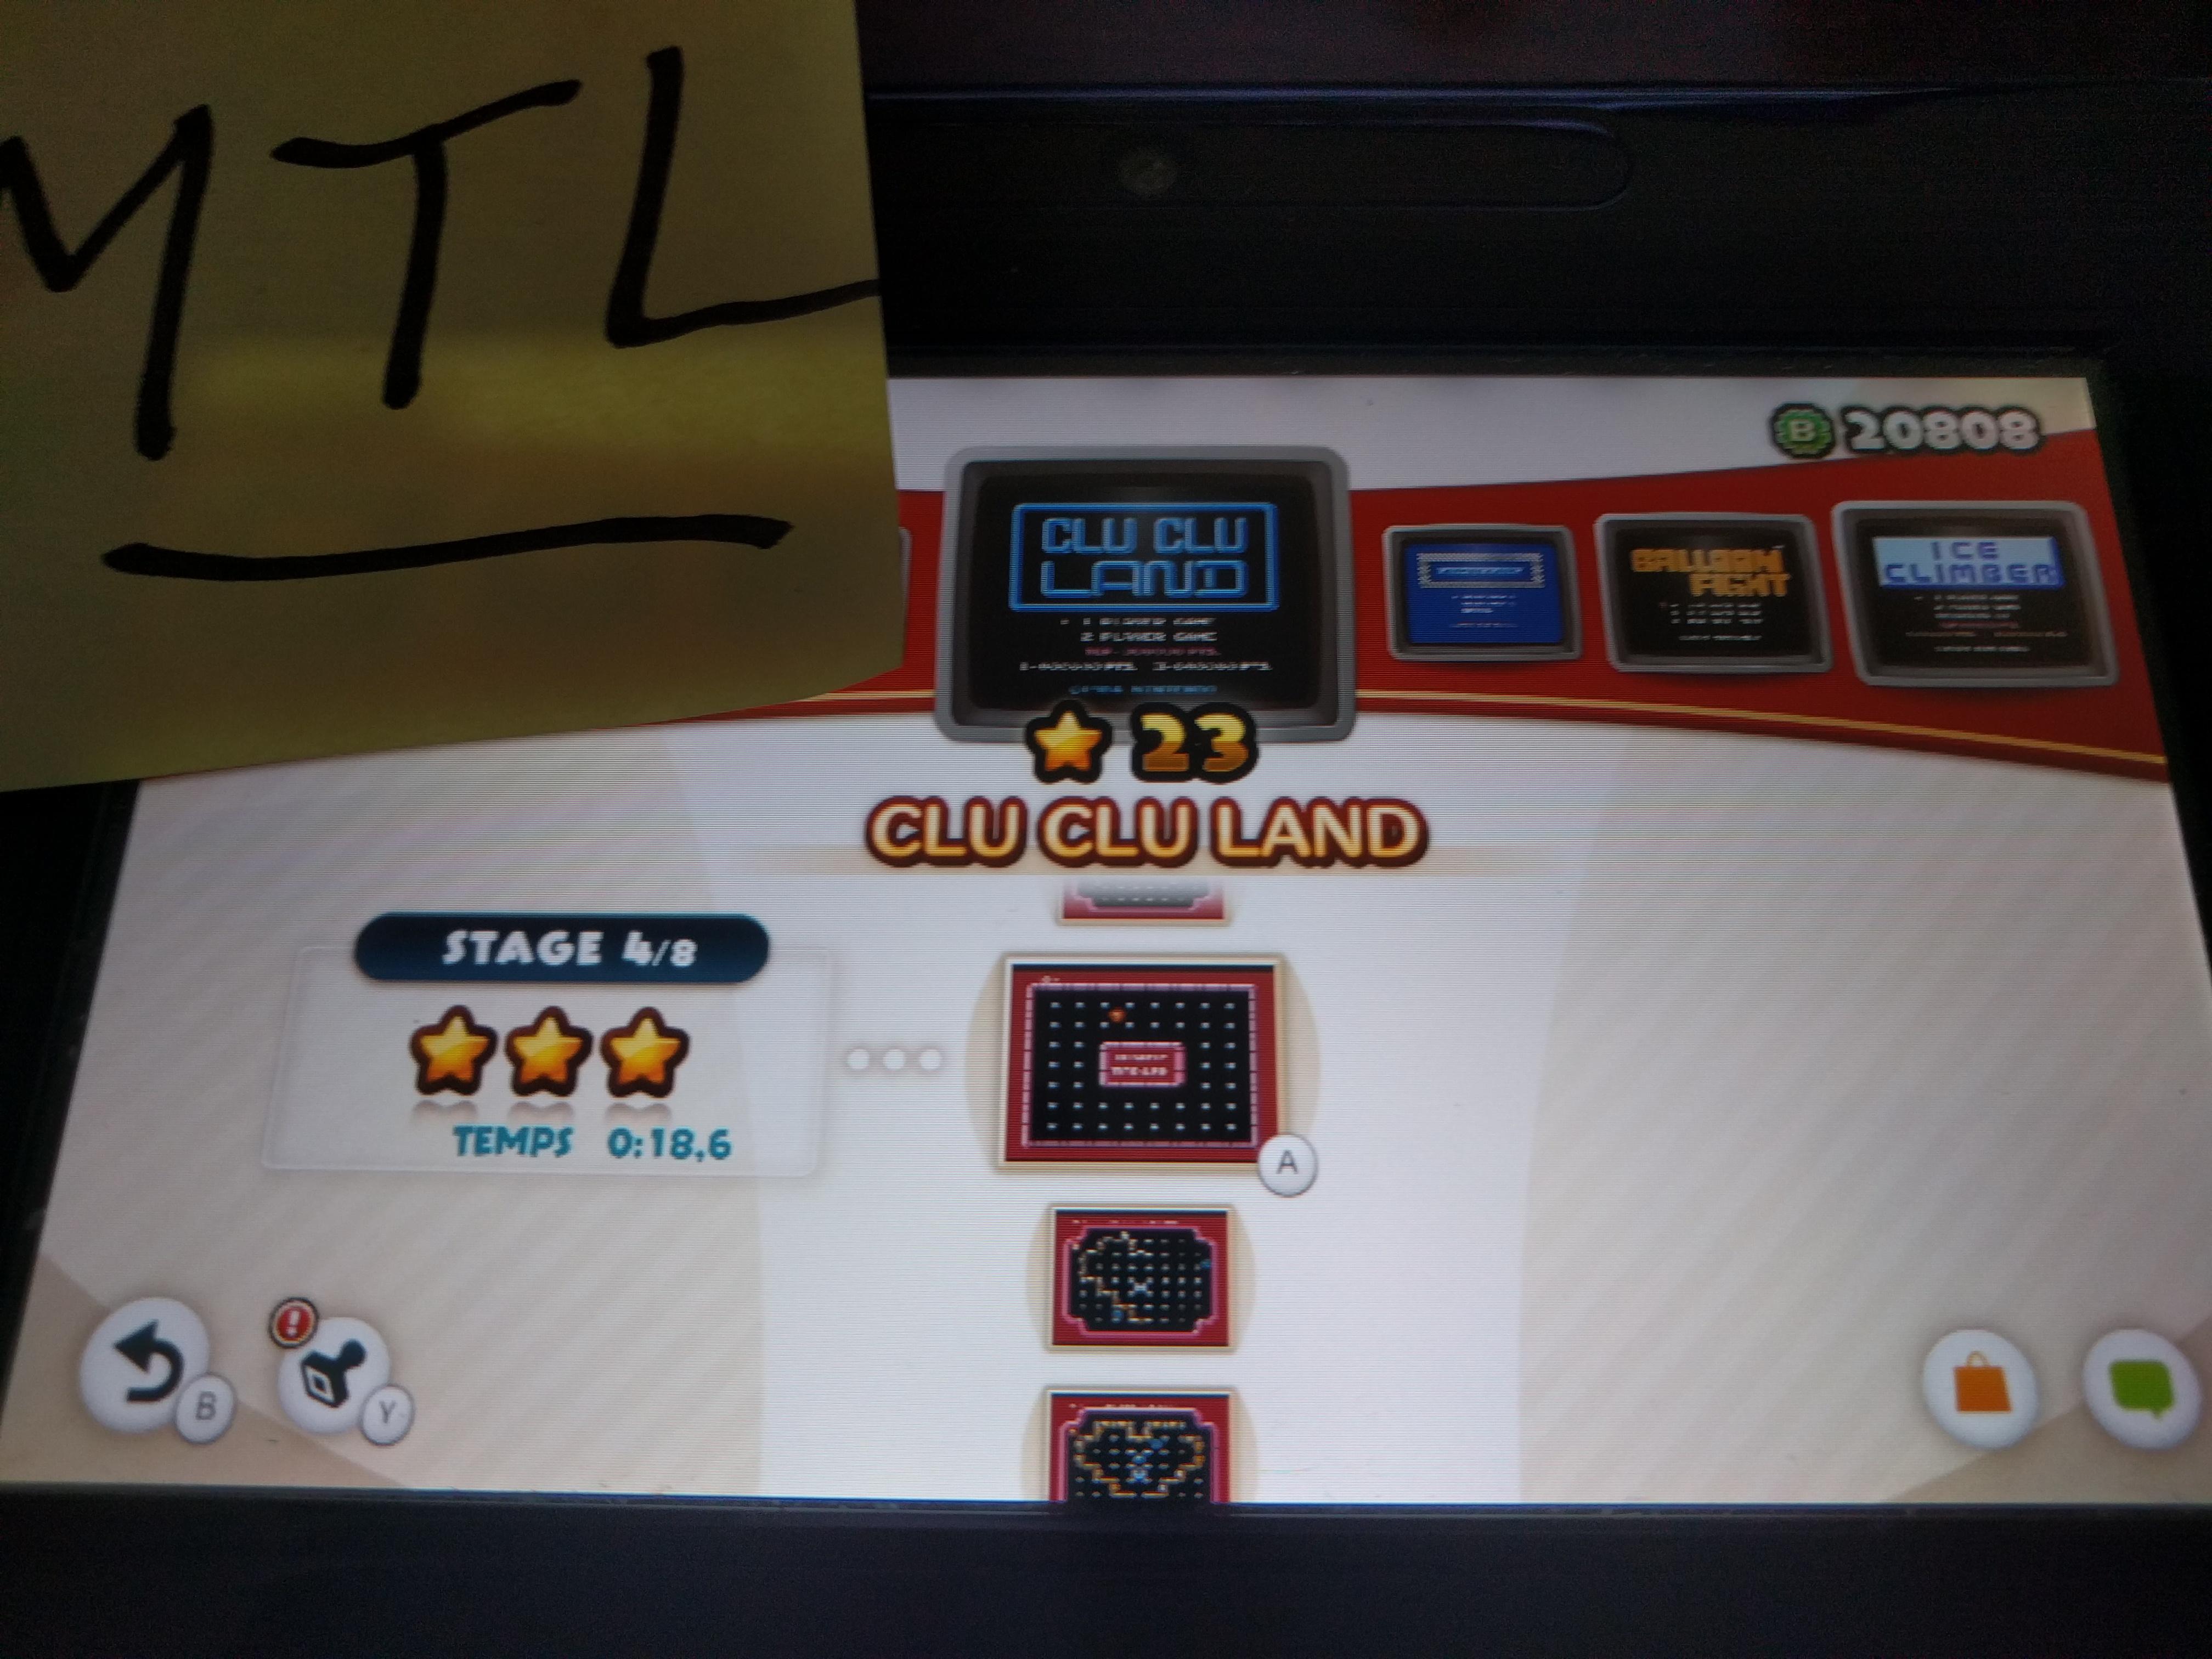 Mantalow: NES Remix: Clu Clu Land: Stage 4 (Wii U) 0:00:18.6 points on 2016-06-08 17:07:27